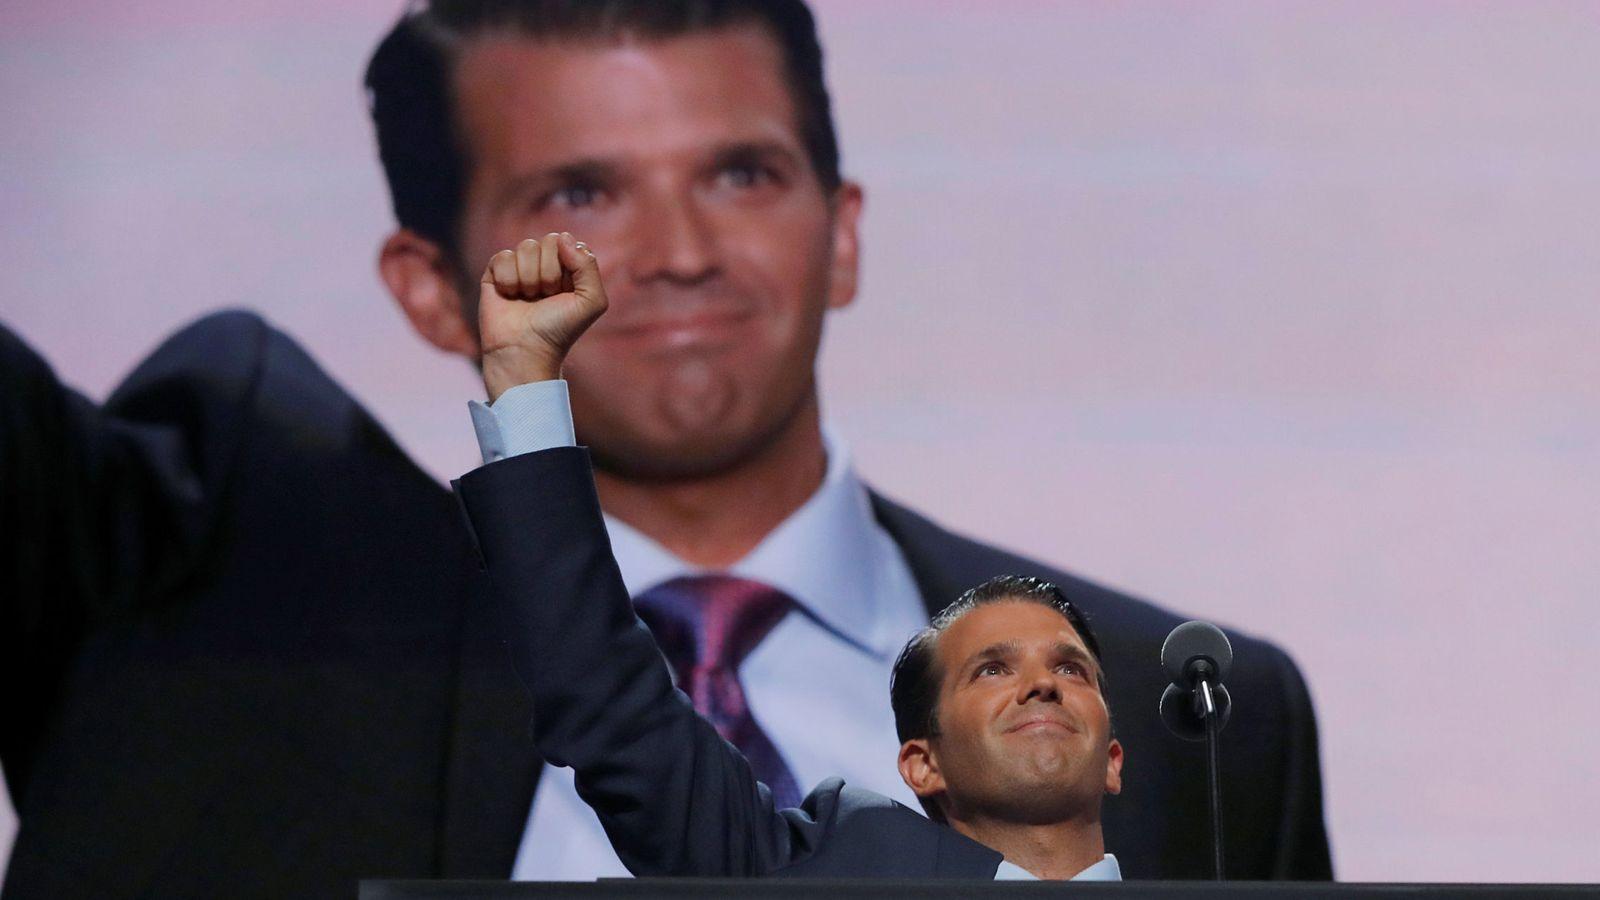 Foto: Donald Trump Jr. saluda a su padre tras intervenir en la Convención Nacional Republicana en Cleveland, en julio de 2016. (Reuters)